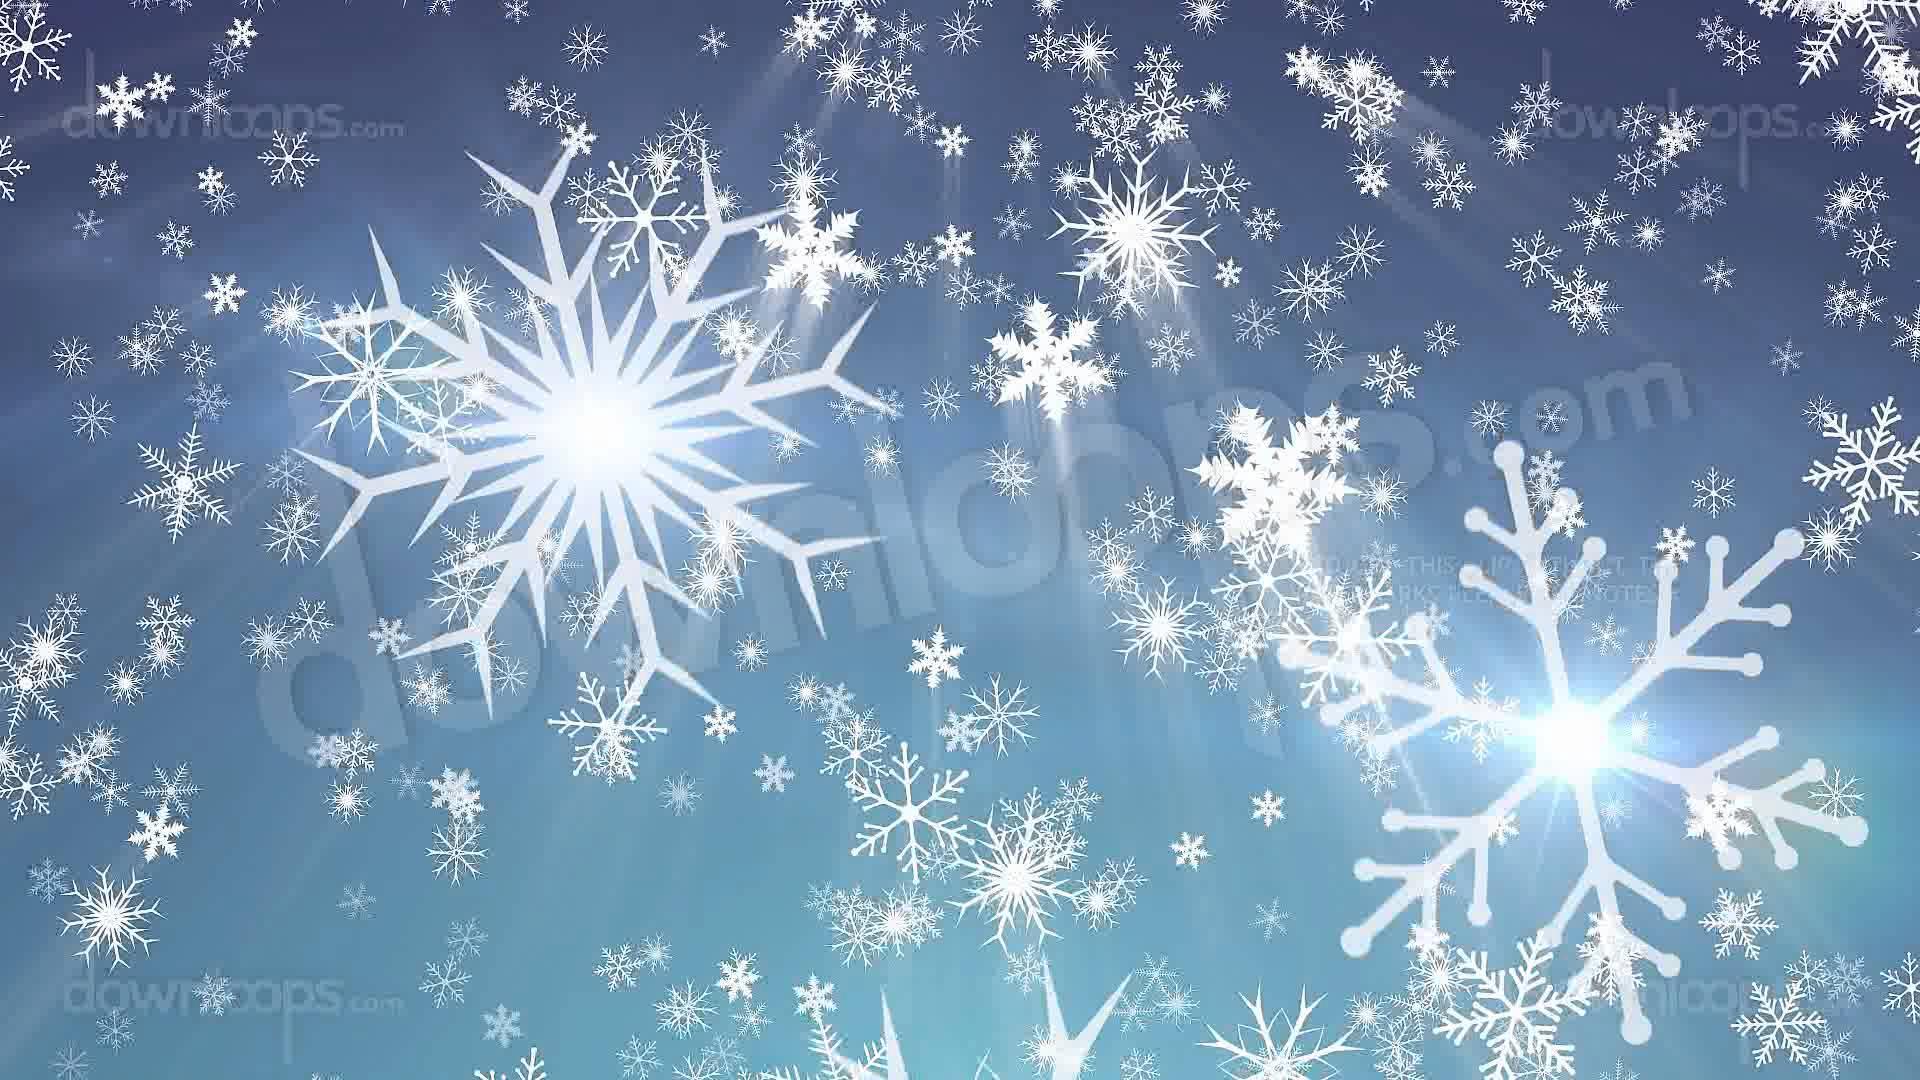 50+] Snowfall Wallpaper Animated on WallpaperSafari